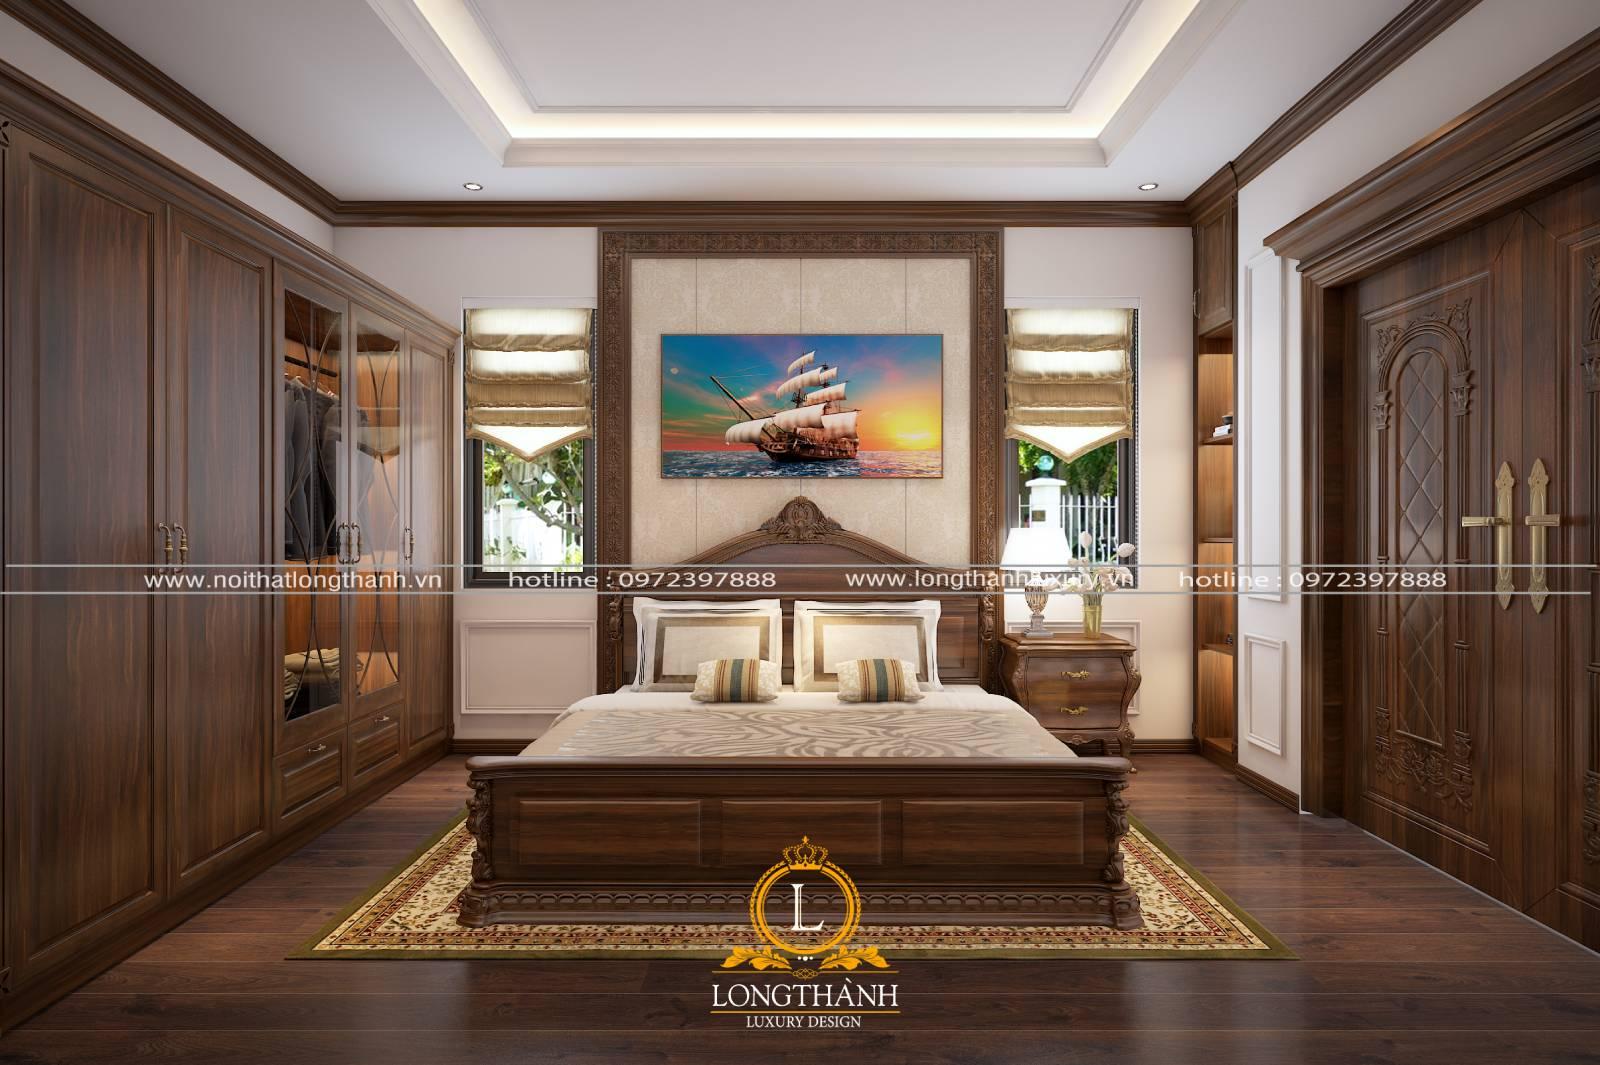 Nội thất phòng ngủ tân cổ điển mang vẻ đẹp sang trọng hiện đại